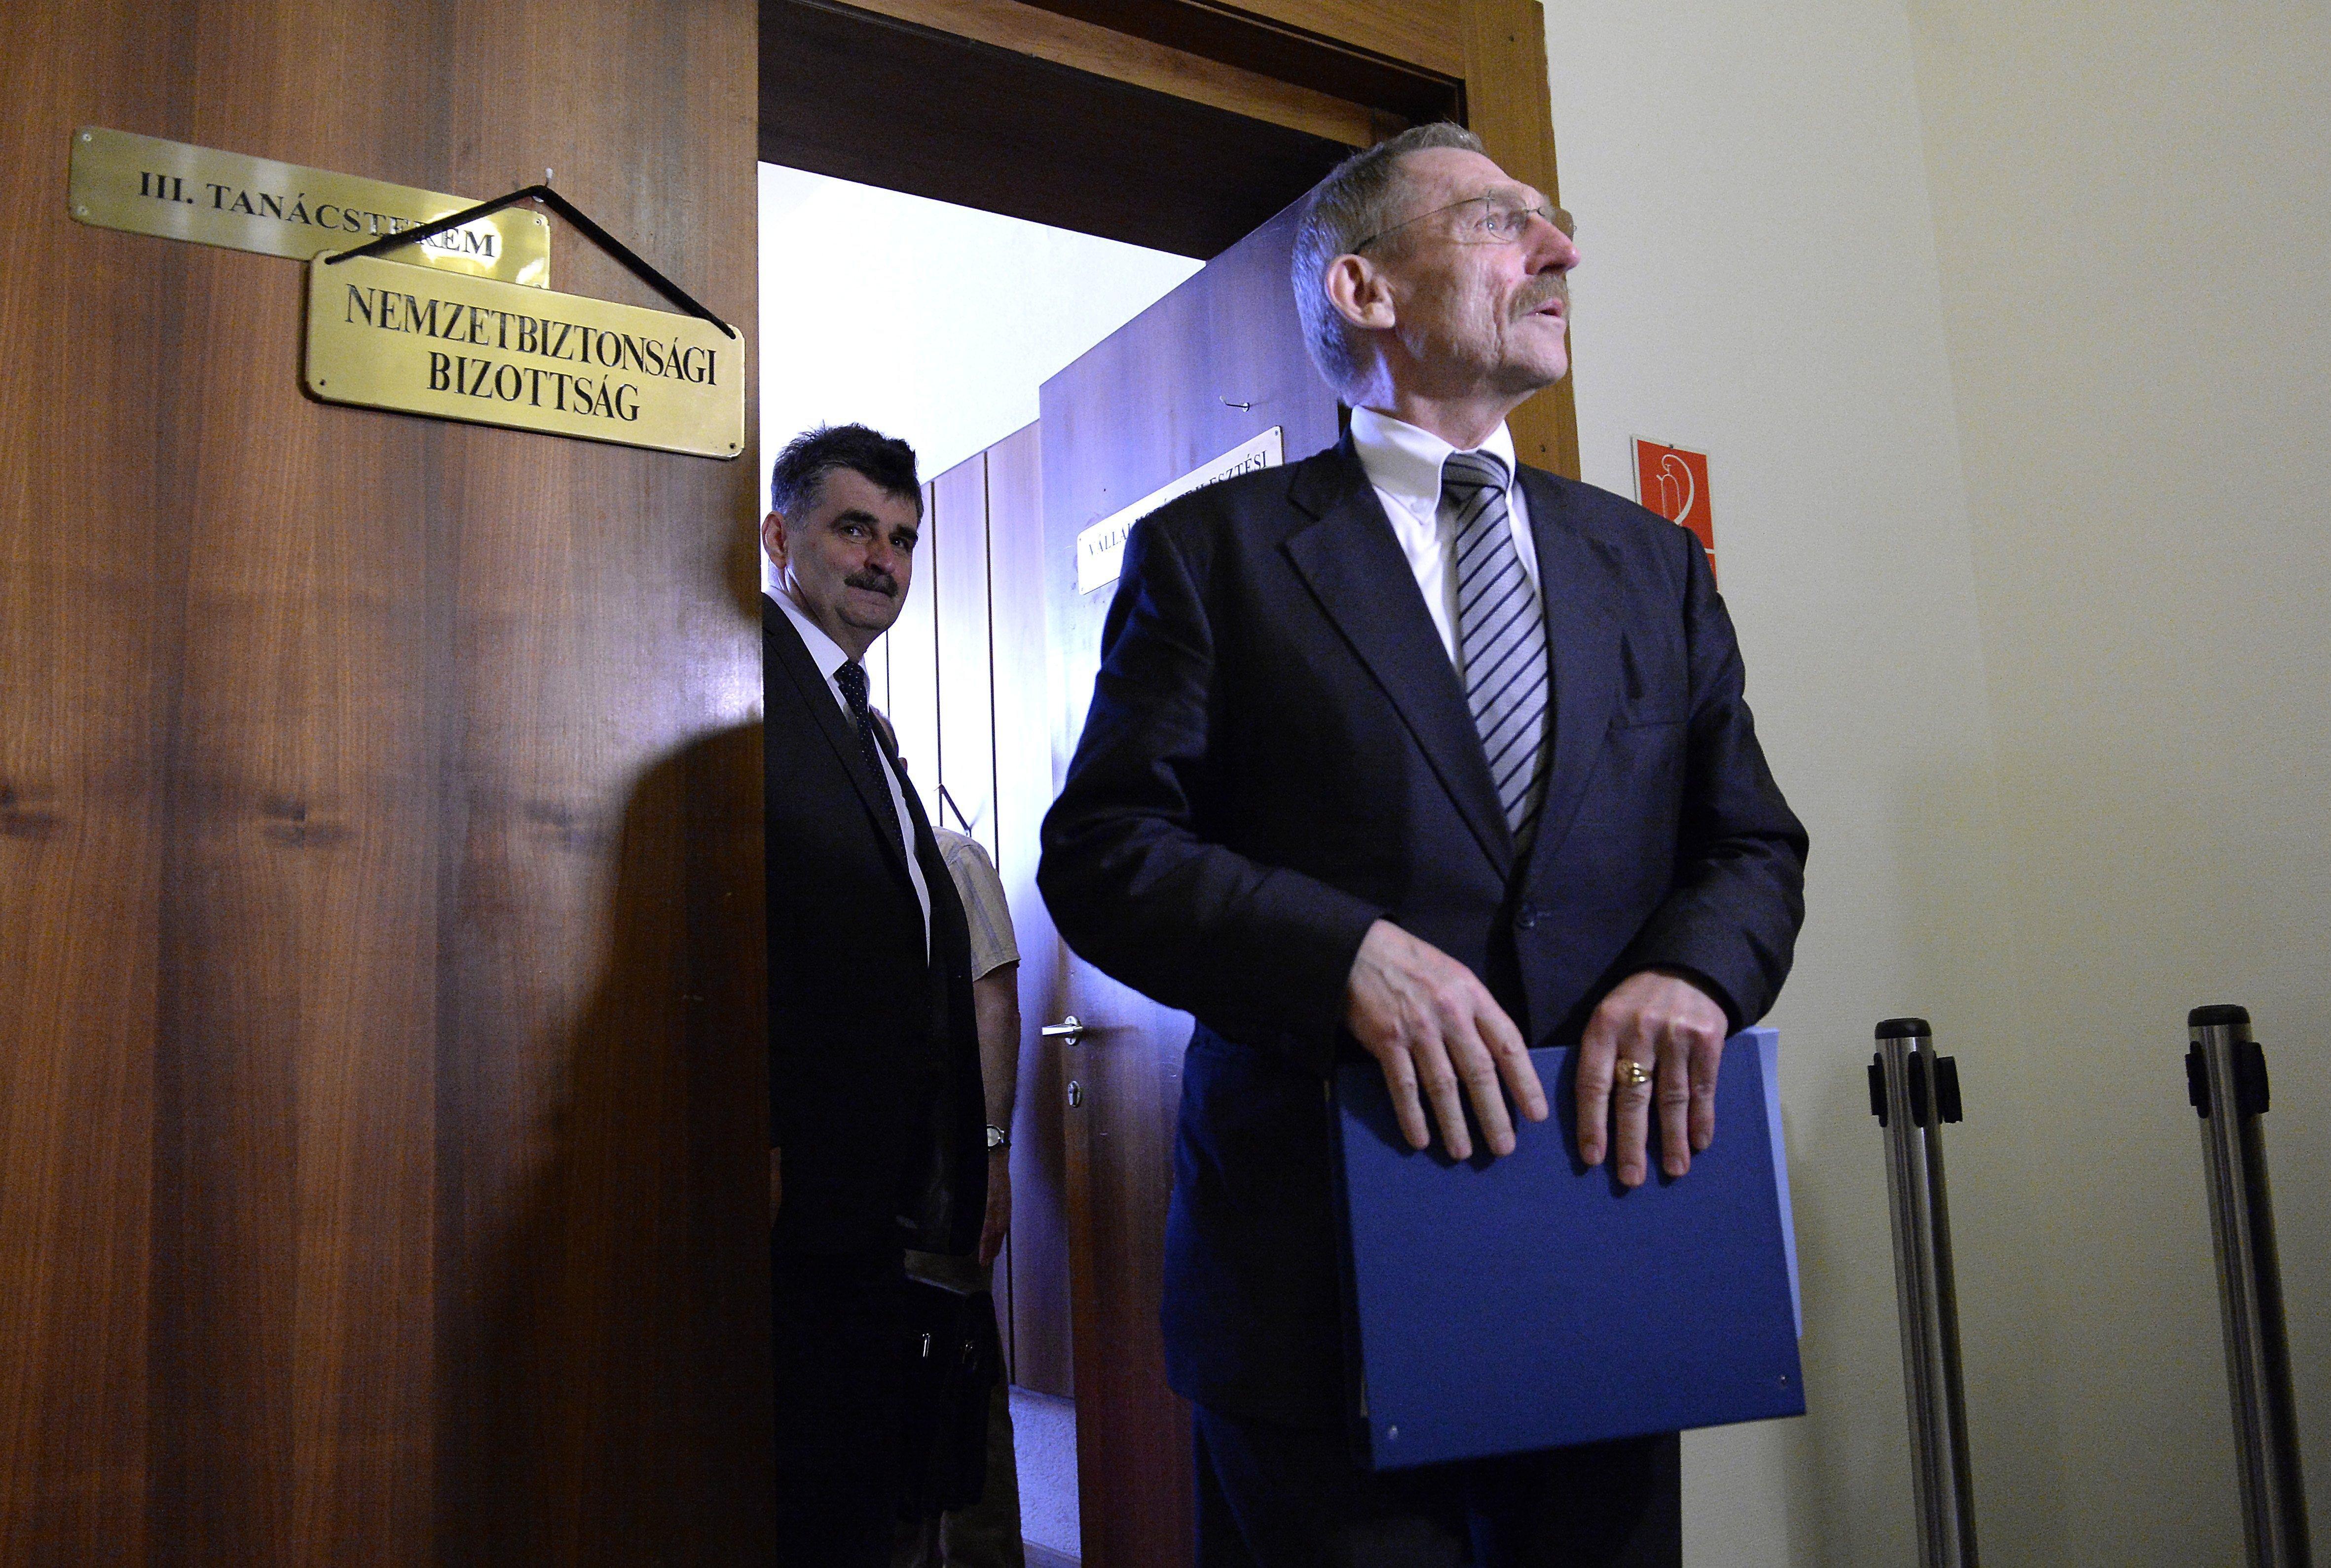 Megfigyelési ügy: Hétfőre összehívta a nemzetbiztonsági bizottságot a jobbikos elnök, hogy meghallgathassák Pintért